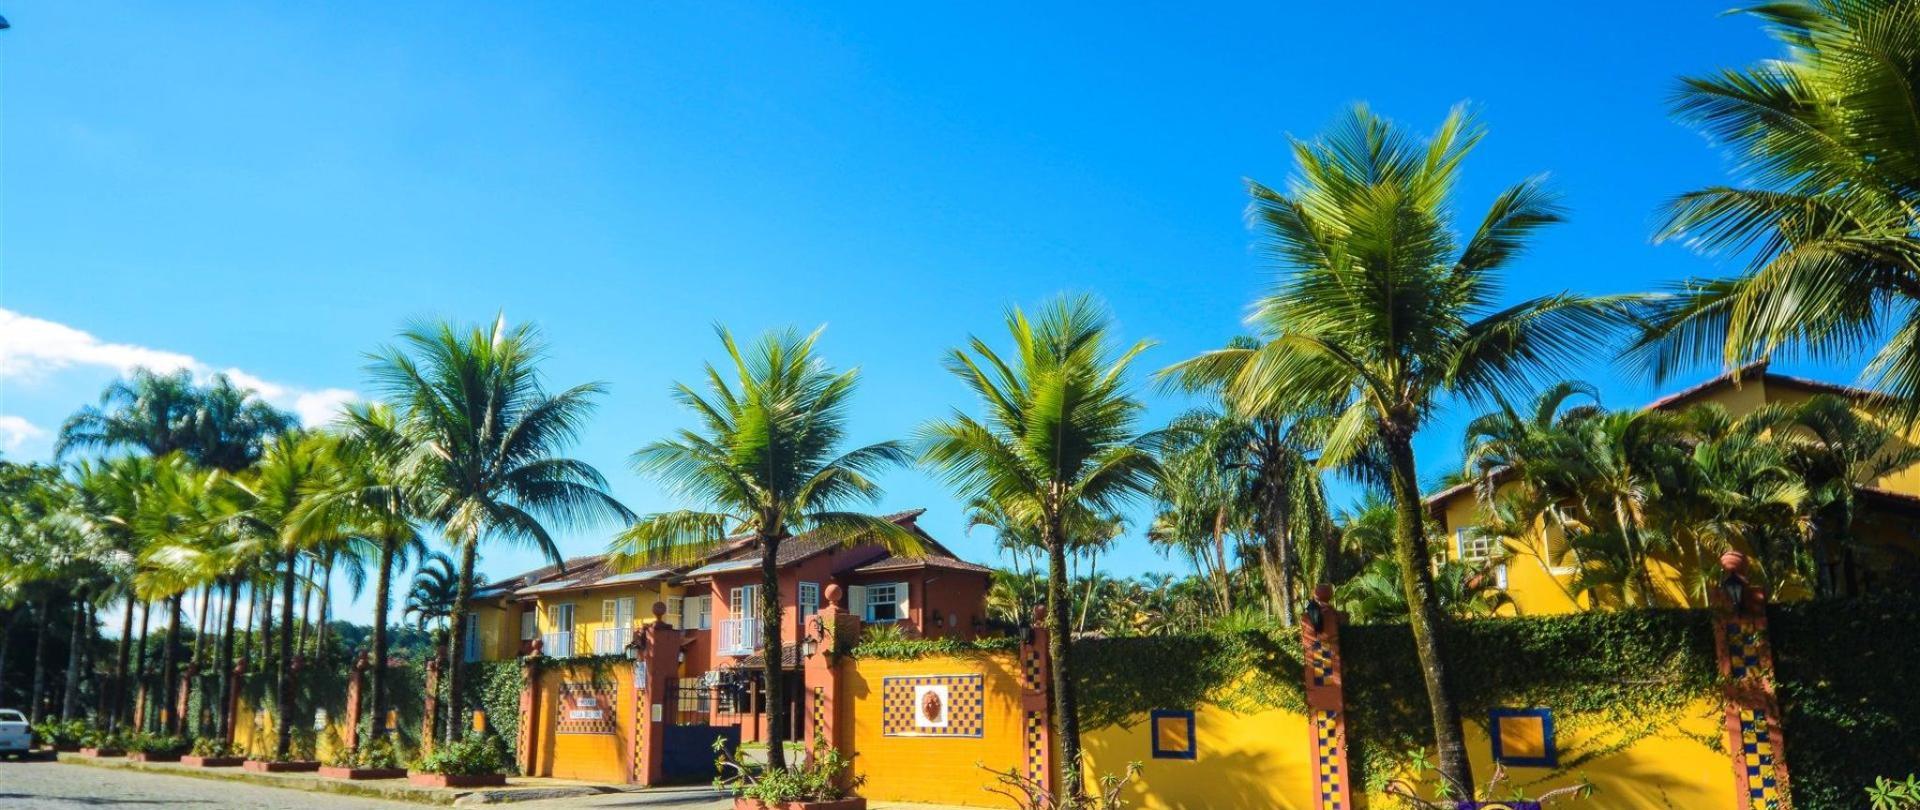 Pousada Villa del Sol - Parati - Brasil3.jpg